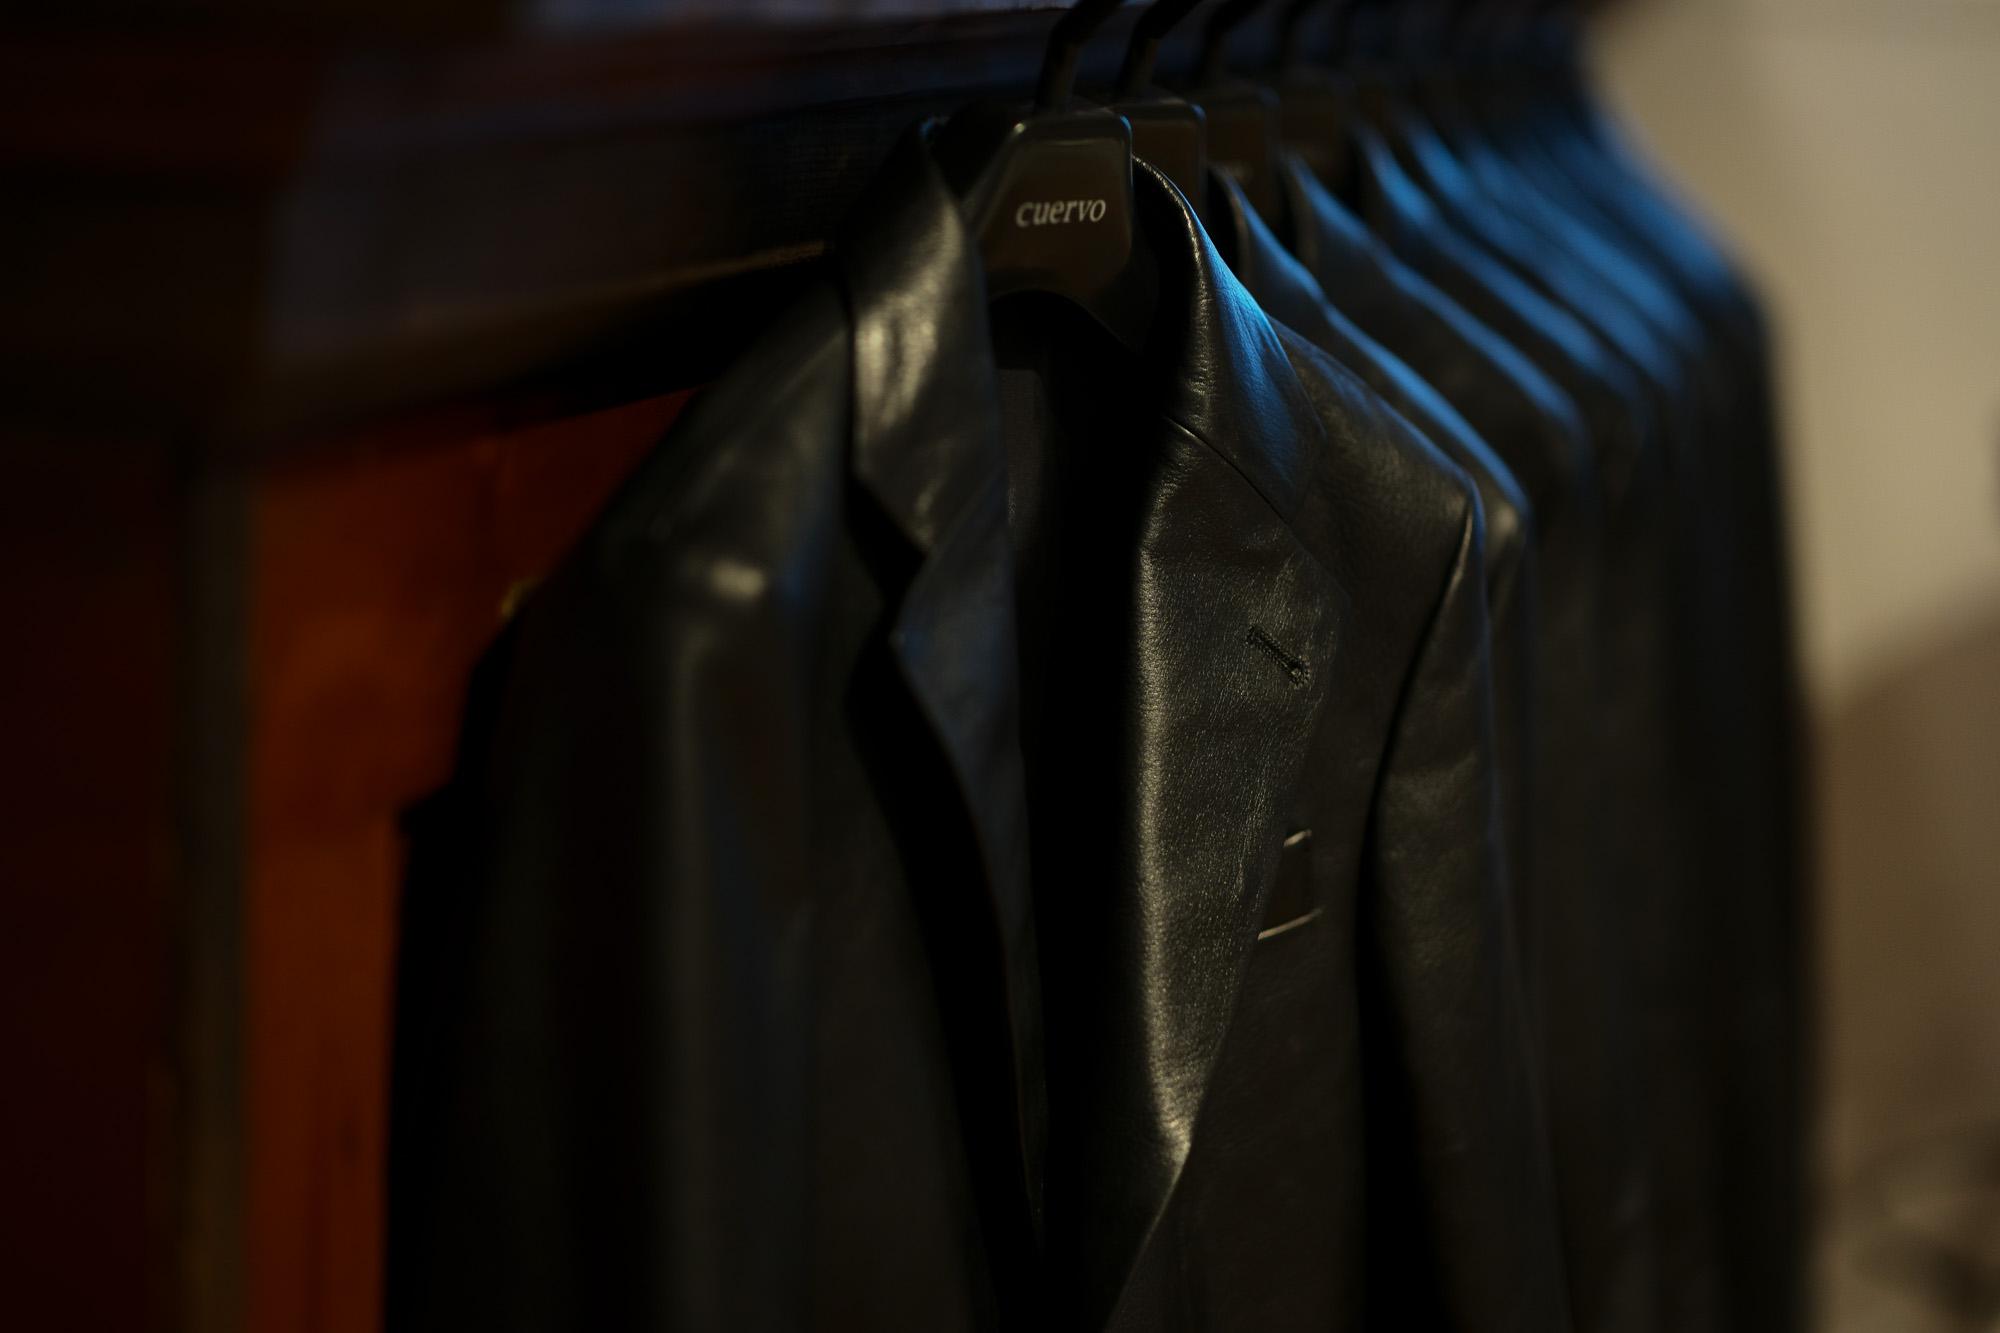 Cuervo (クエルボ) Satisfaction Leather Collection (サティスファクション レザー コレクション) LEON (レオン) BUFFALO LEATHER (バッファロー レザー) シングル テーラード ジャケット BLACK (ブラック) MADE IN JAPAN (日本製) 2019 秋冬新作 【入荷しました】【フリー分発売開始】 愛知 名古屋 altoediritto アルトエデリット